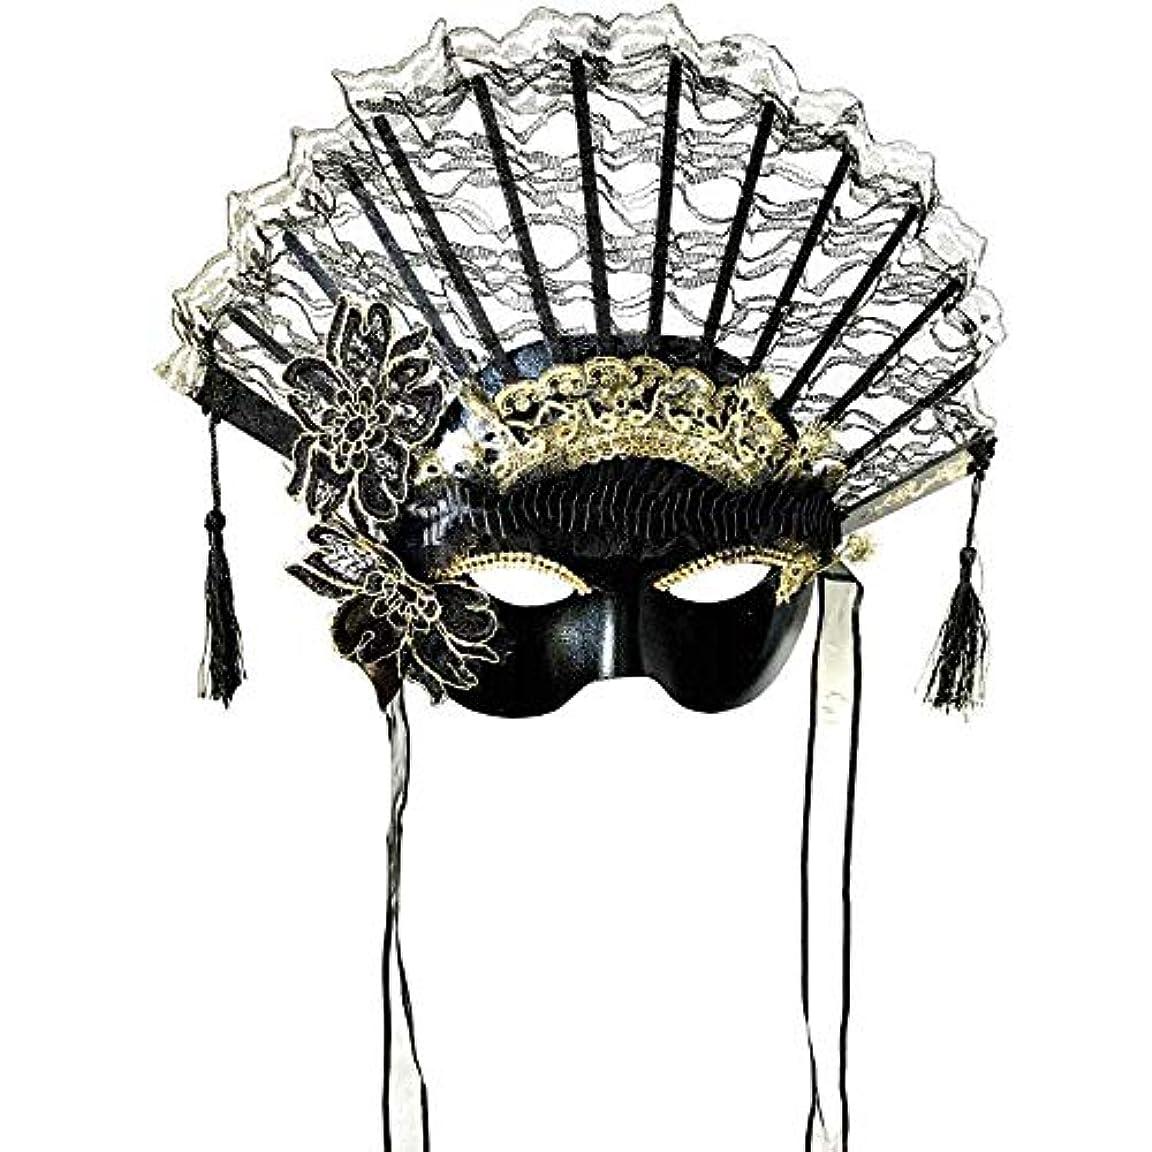 ブリードプラグ船員Nanle ハロウィンクリスマスレースファンシェイプフラワーフリンジビーズマスク仮装マスクレディミスプリンセス美容祭パーティーデコレーションマスク (色 : Black B)